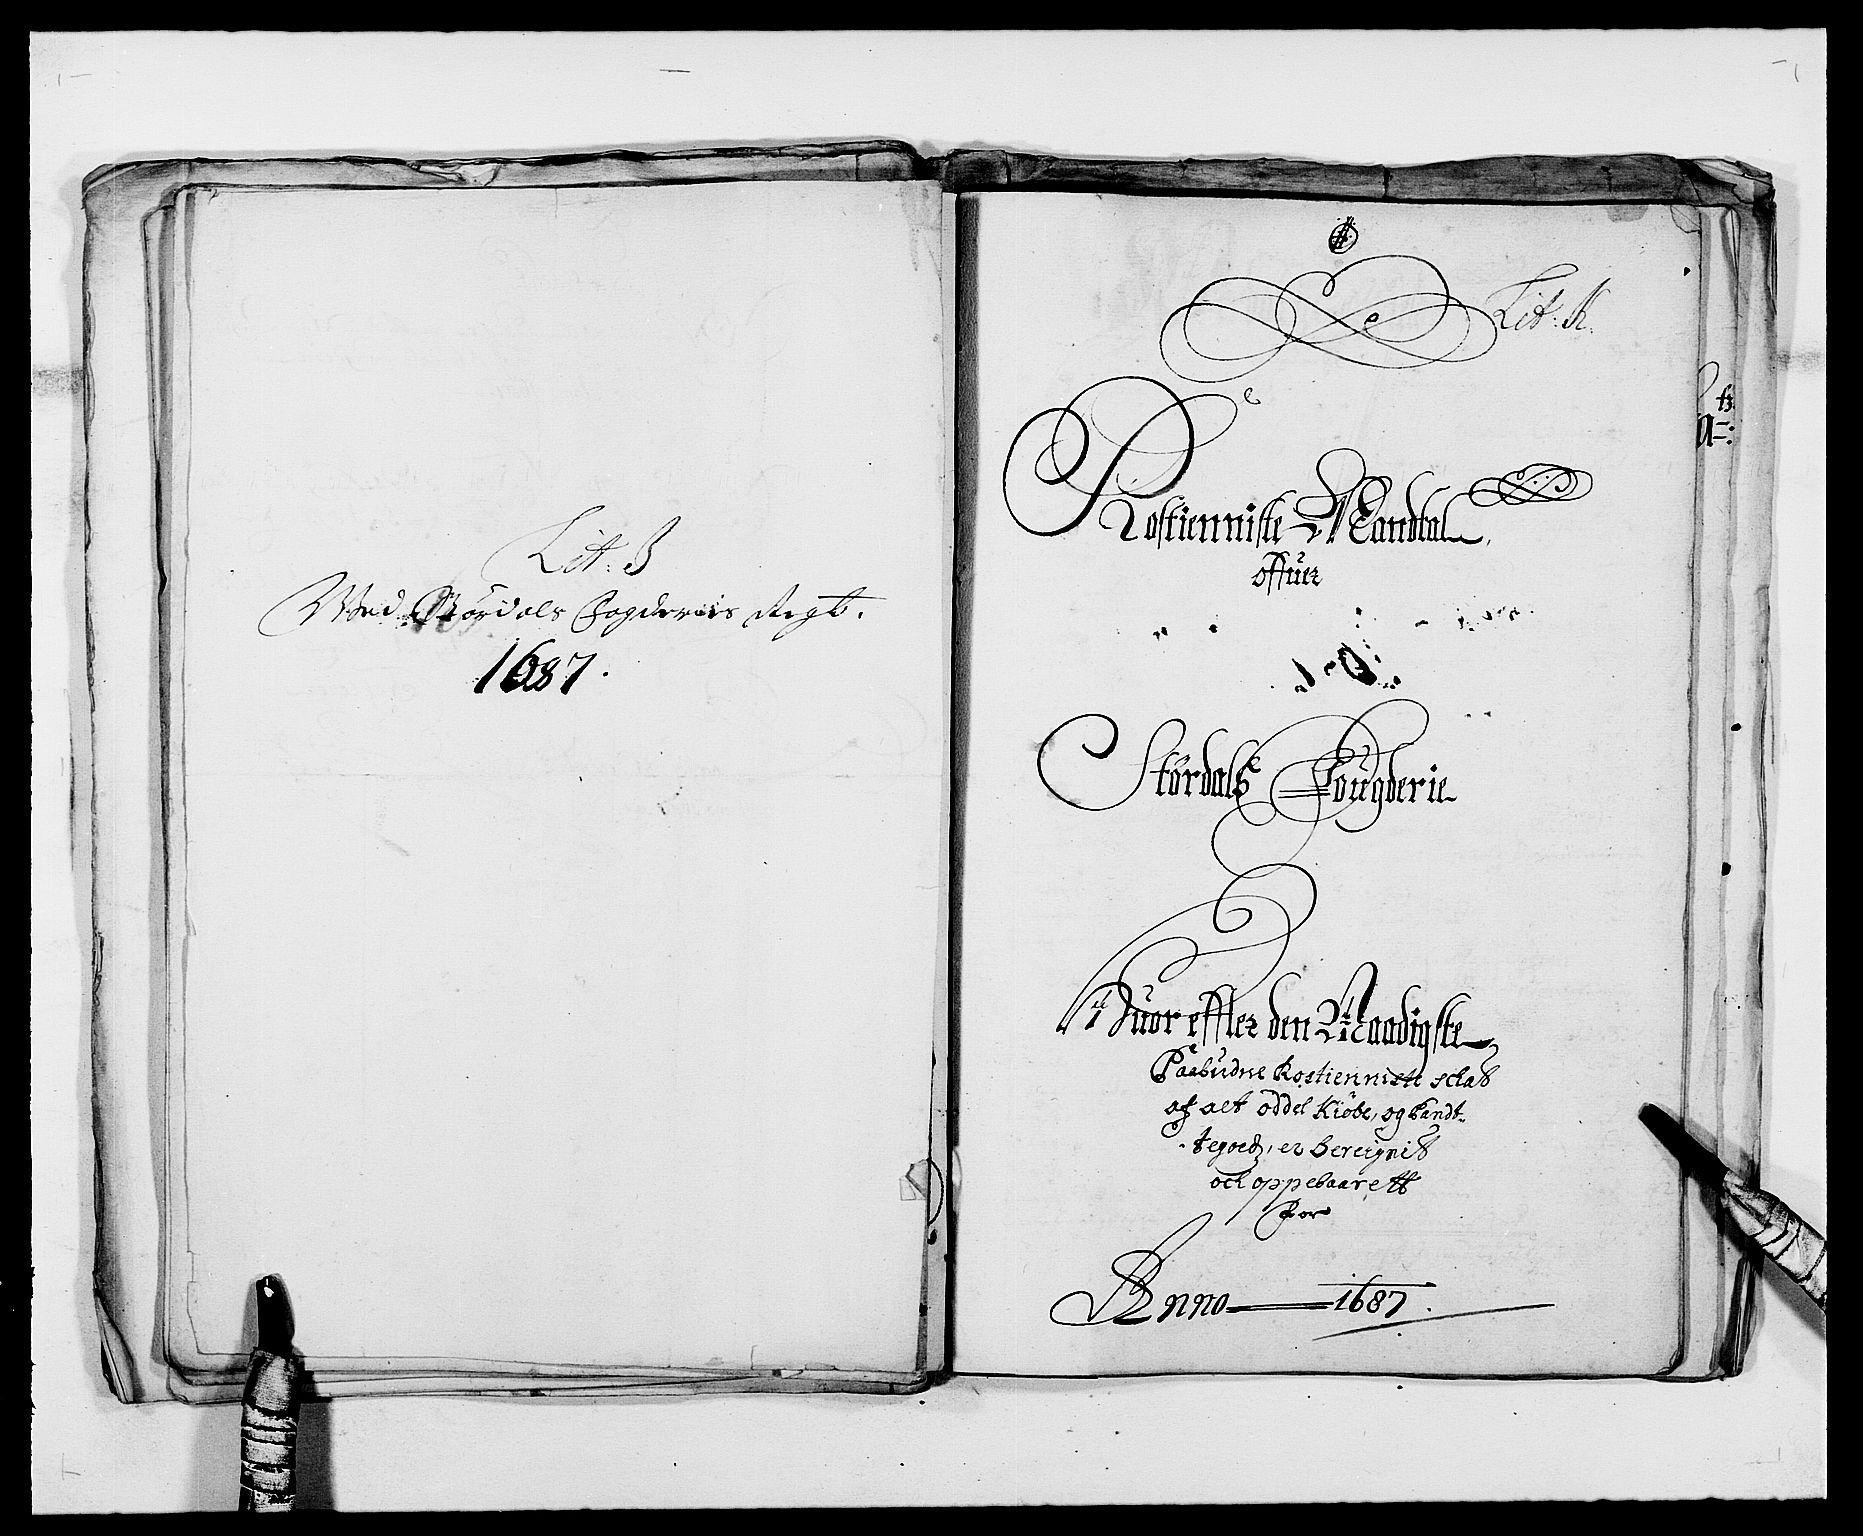 RA, Rentekammeret inntil 1814, Reviderte regnskaper, Fogderegnskap, R62/L4183: Fogderegnskap Stjørdal og Verdal, 1687-1689, s. 73